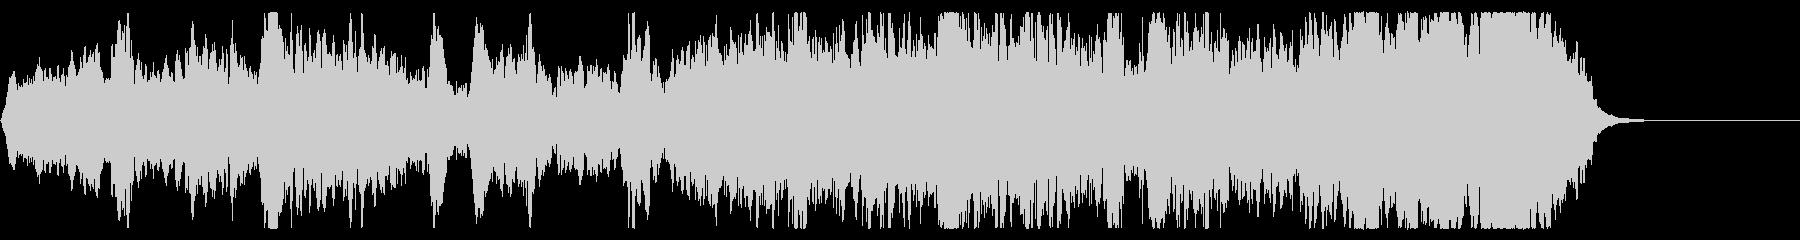 悲しいメロディのクワイアの未再生の波形